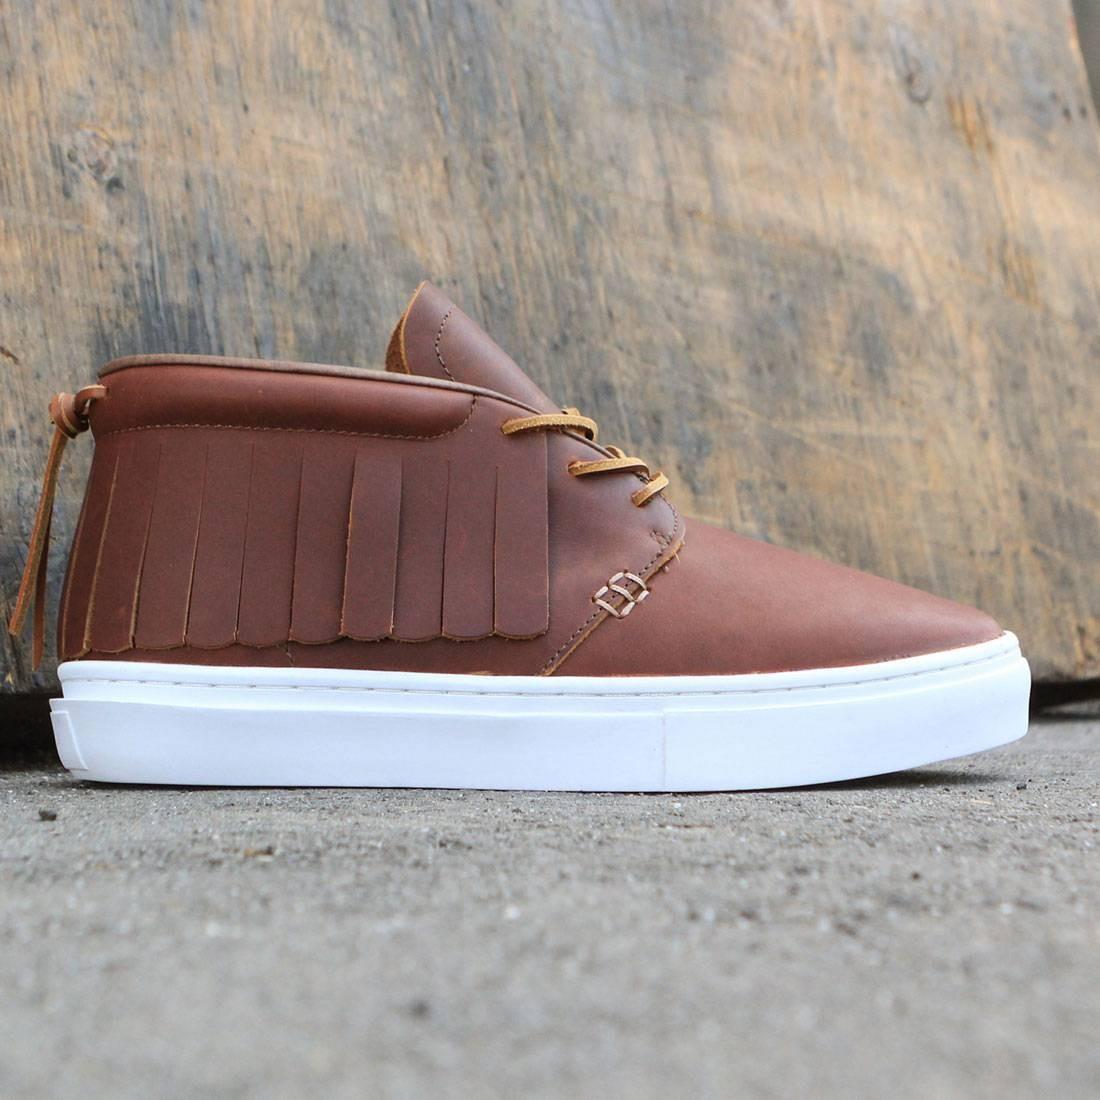 【海外限定】スニーカー 靴 【 CLEAR WEATHER MEN THE ONEOONE BROWN BISON 】